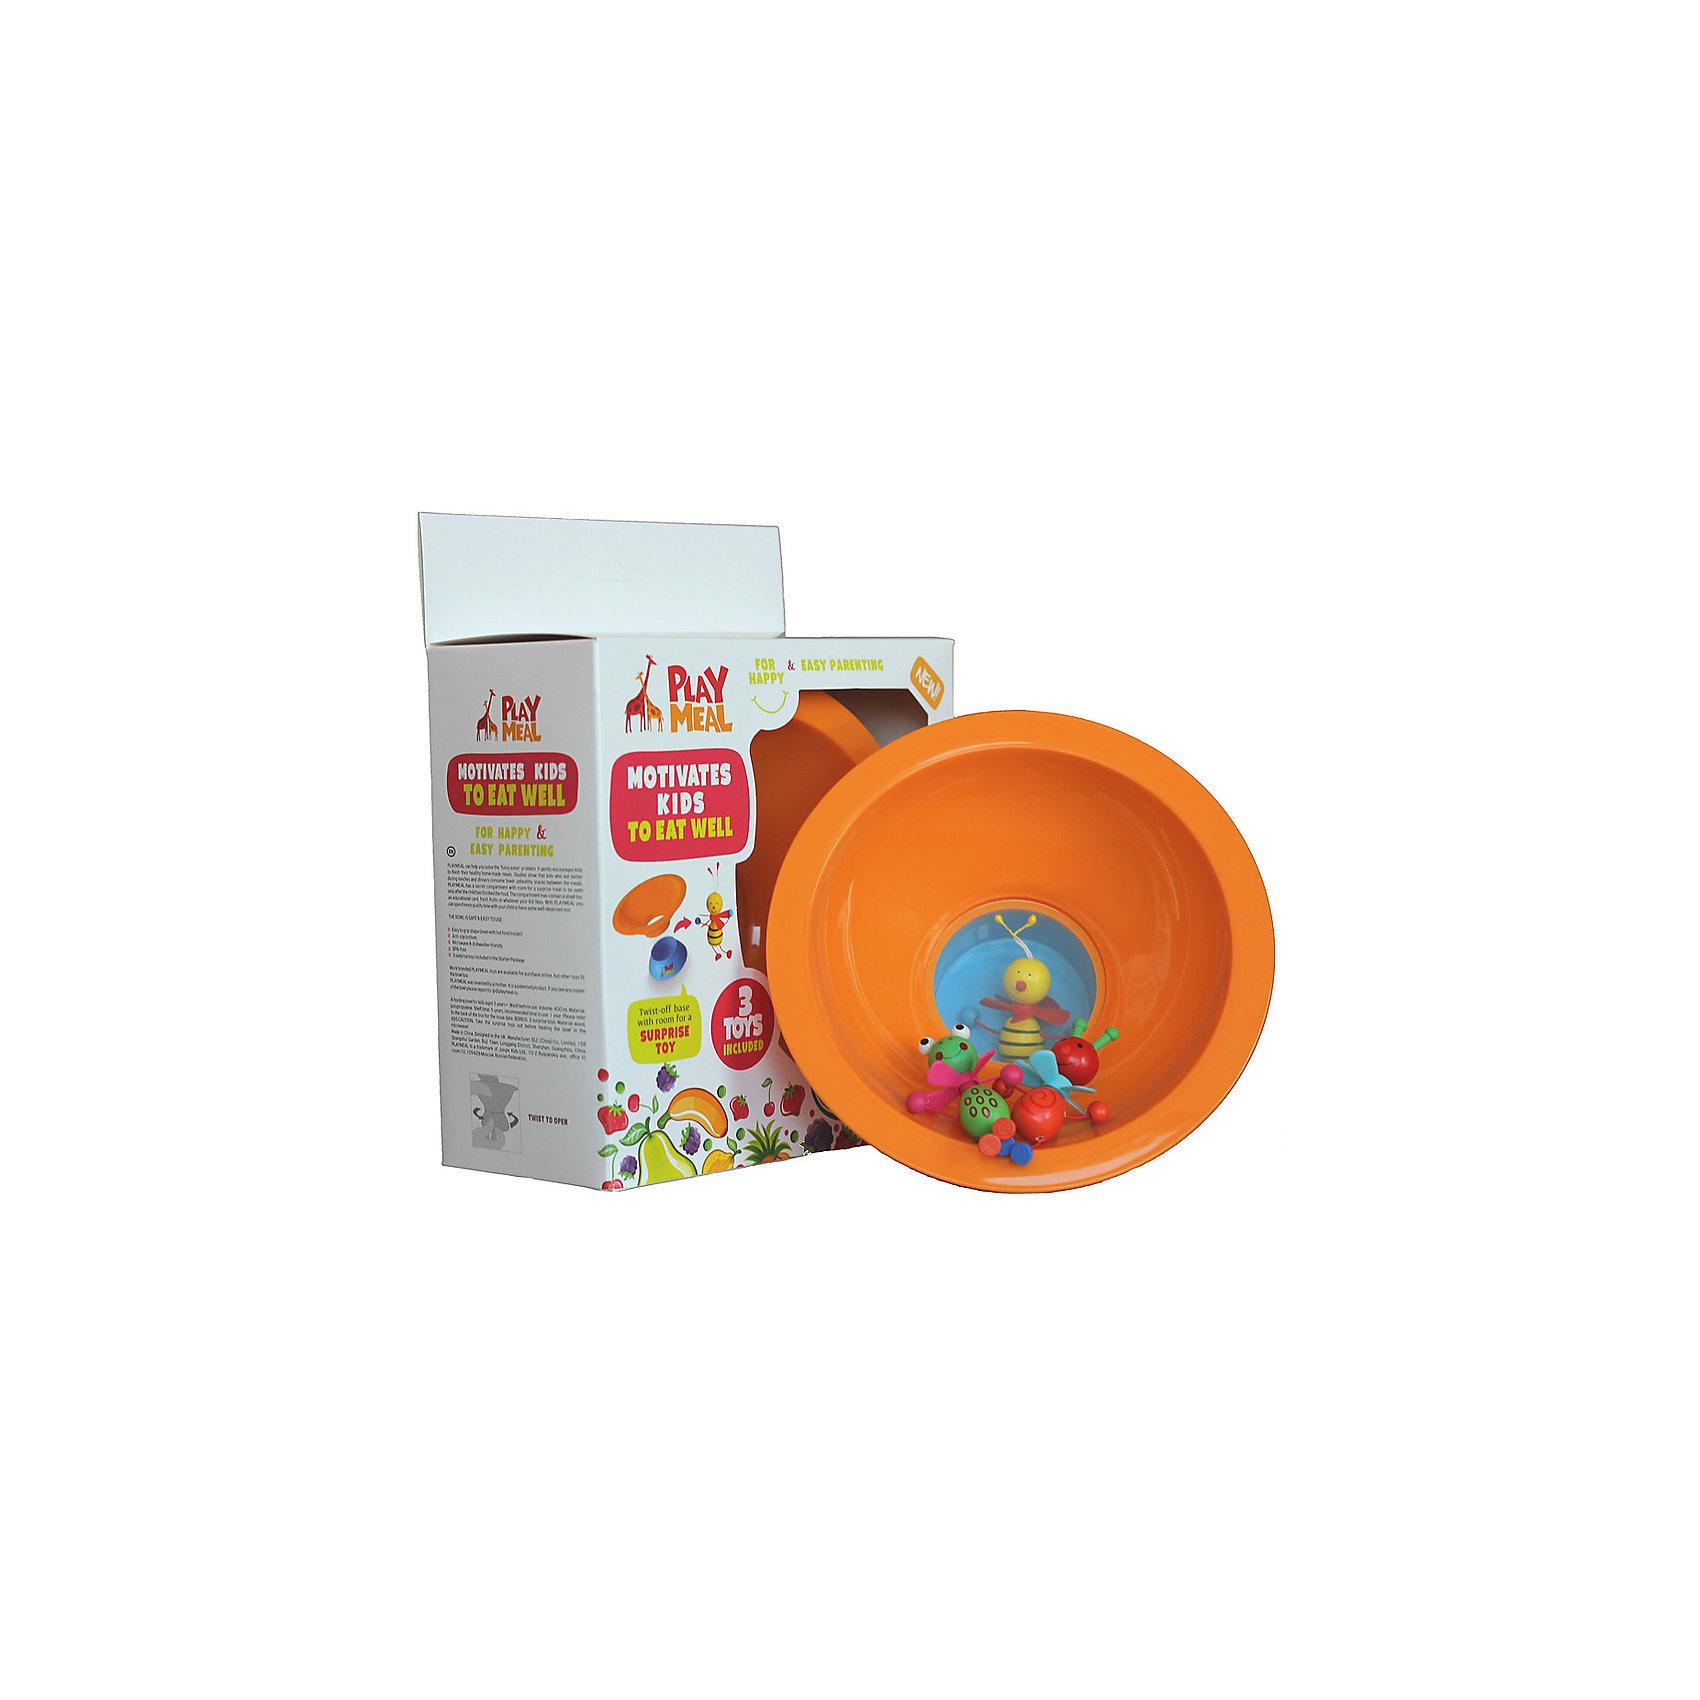 Тарелка+ 3 деревянные игрушки Букашки, PLAYMEALПосуда для малышей<br>Тарелка+ 3 деревянные игрушки Букашки – это прекрасное решение для детишек, которые малоежки! Тарелка PLAYMEAL + 3 деревянные игрушки в красивой подарочной упаковке. У тарелки есть прозрачное дно и потайной отсек для сюрприза. Ребенок может увидеть сюрприз только тогда, когда все съест! Можно использовать свои игрушки, если они подходят по размеру. Размер отсека для сюрприза: диаметр - 61 мм, высота - 34 мм. Это может быть как игрушка, так, и какая-нибудь вкусняшка  (мармелад или печенье) - любой сюрприз, которым Вы хотите порадовать малыша. Тарелка PlayMeal — это разработка молодой мамы. Тарелка призвана в мягкой игровой форме поможет приучить ребенка к здоровой еде.<br><br>Дополнительная информация: <br><br>- материал: сертифицированный пищевой пластик.<br> - подходит для посудомоечной машины и микроволновой печи  <br>- нескользящее силиконовое покрытие дна уже по достоинству оценили множество мам и пап разных стран, попробуйте  и Вы!<br><br>Тарелку+ 3 деревянные игрушки Букашки, Playmeal  можно купить в нашем интернет-магазине.<br><br>Ширина мм: 250<br>Глубина мм: 150<br>Высота мм: 150<br>Вес г: 150<br>Возраст от месяцев: -2147483648<br>Возраст до месяцев: 2147483647<br>Пол: Унисекс<br>Возраст: Детский<br>SKU: 4801613